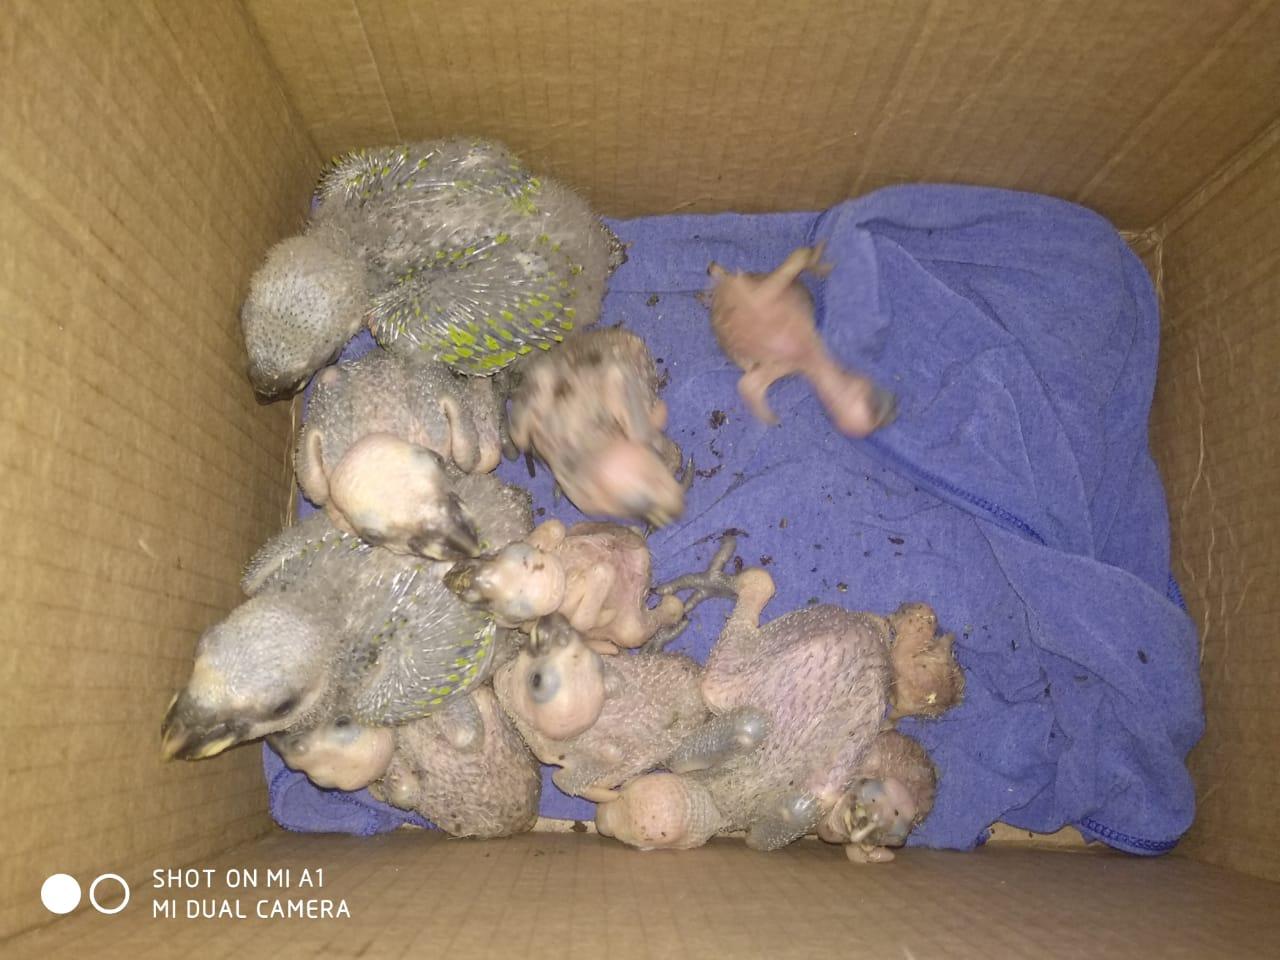 Animais estavam extremamente debilitados - Foto: Divulgação / PMA